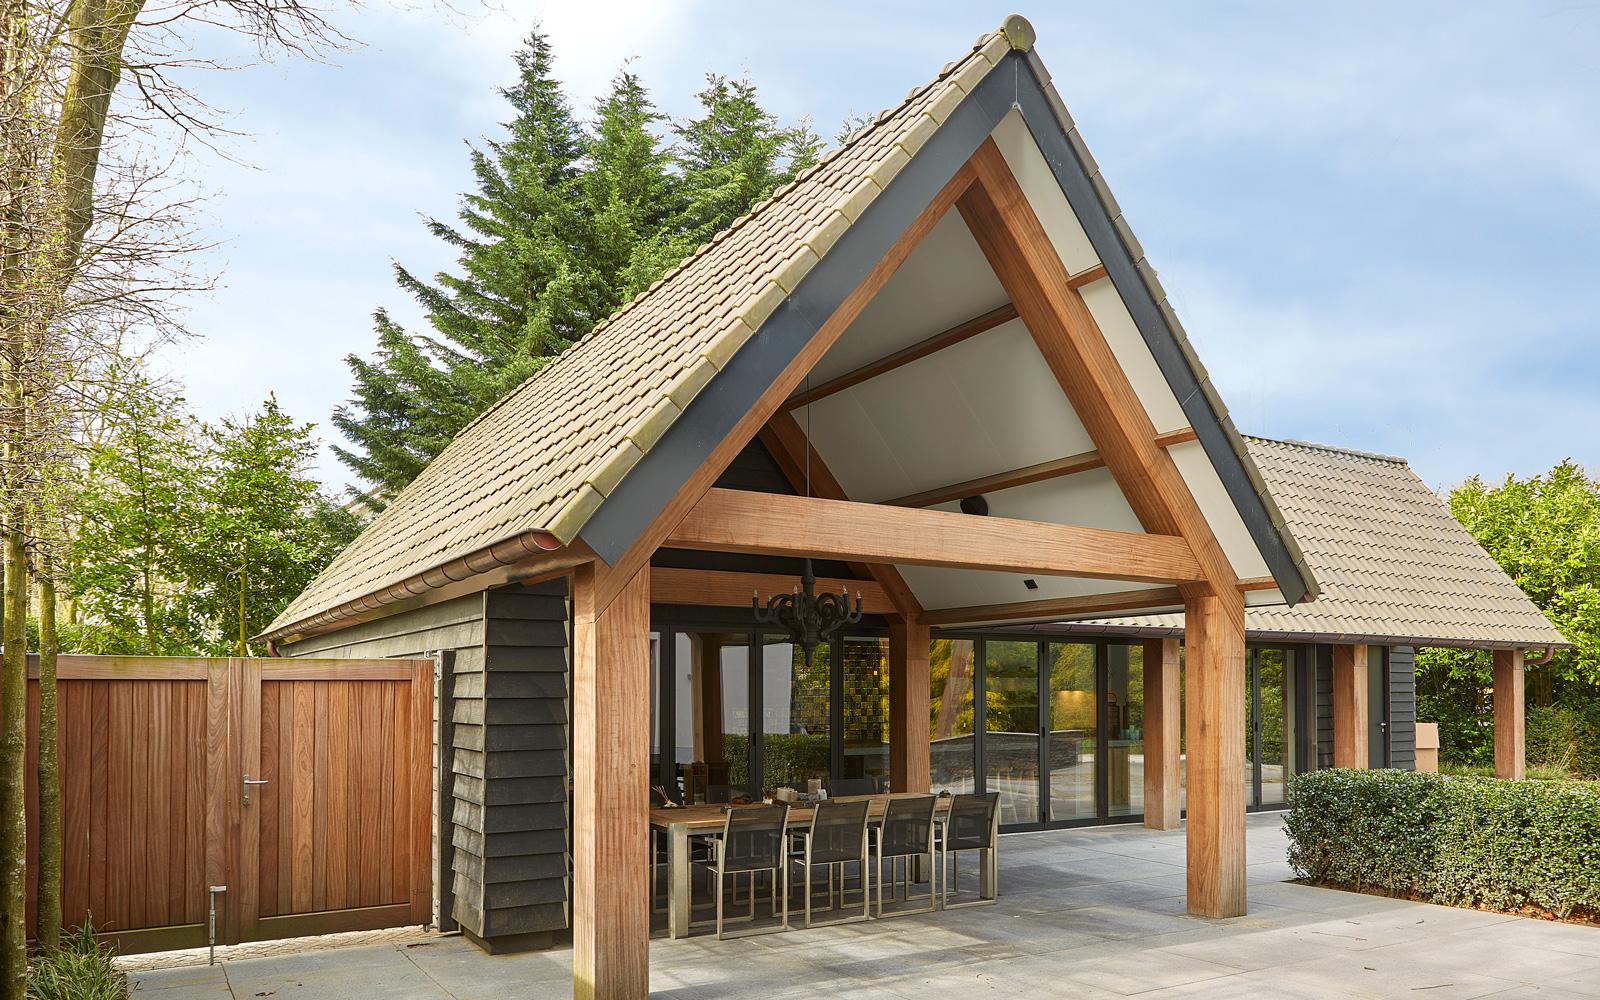 Van Pelt architecten heeft ook het tuinhuis ontwikkeld.